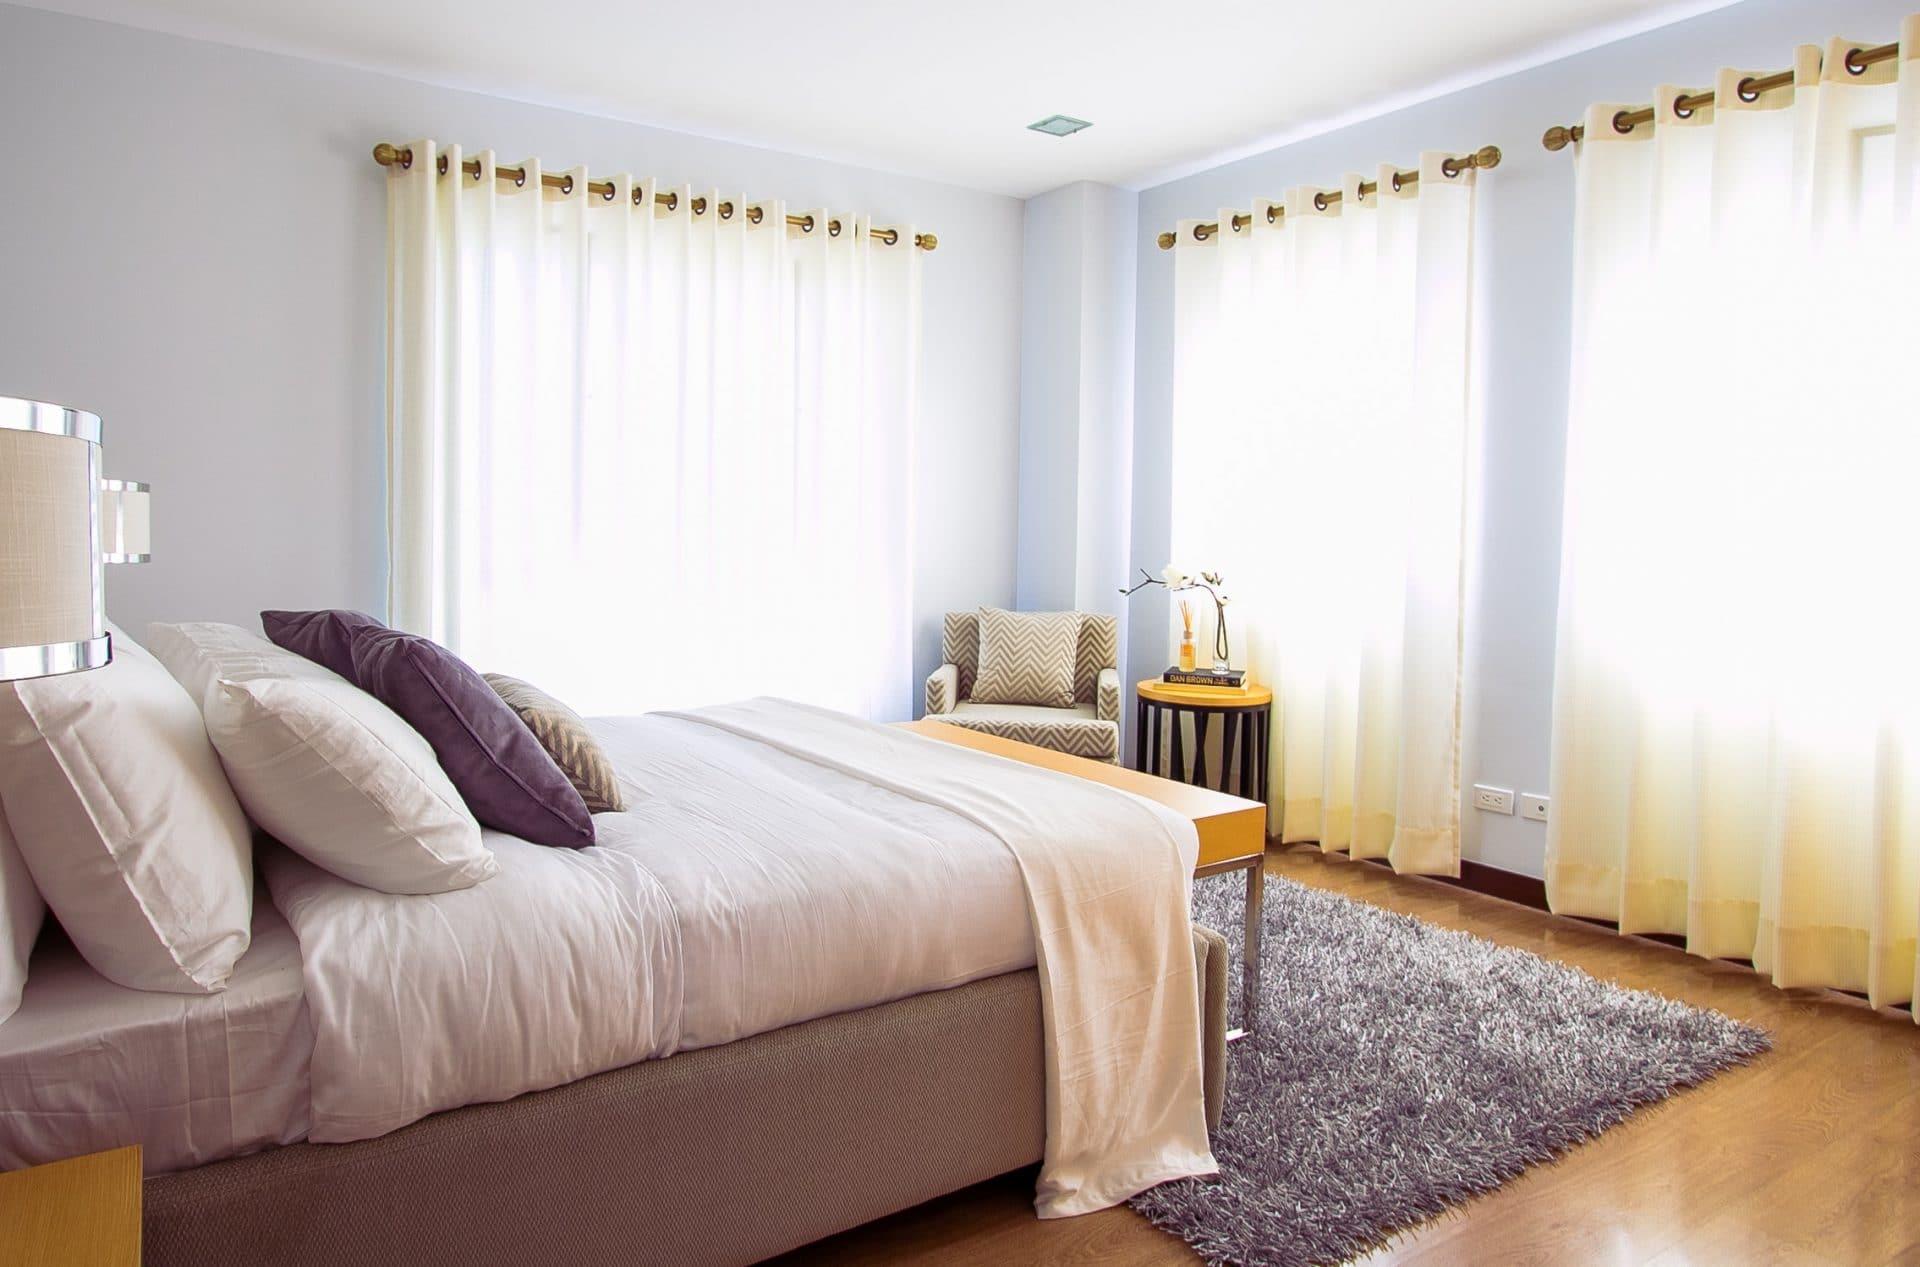 Comment bien aménager sa chambre à coucher ? - PixGame